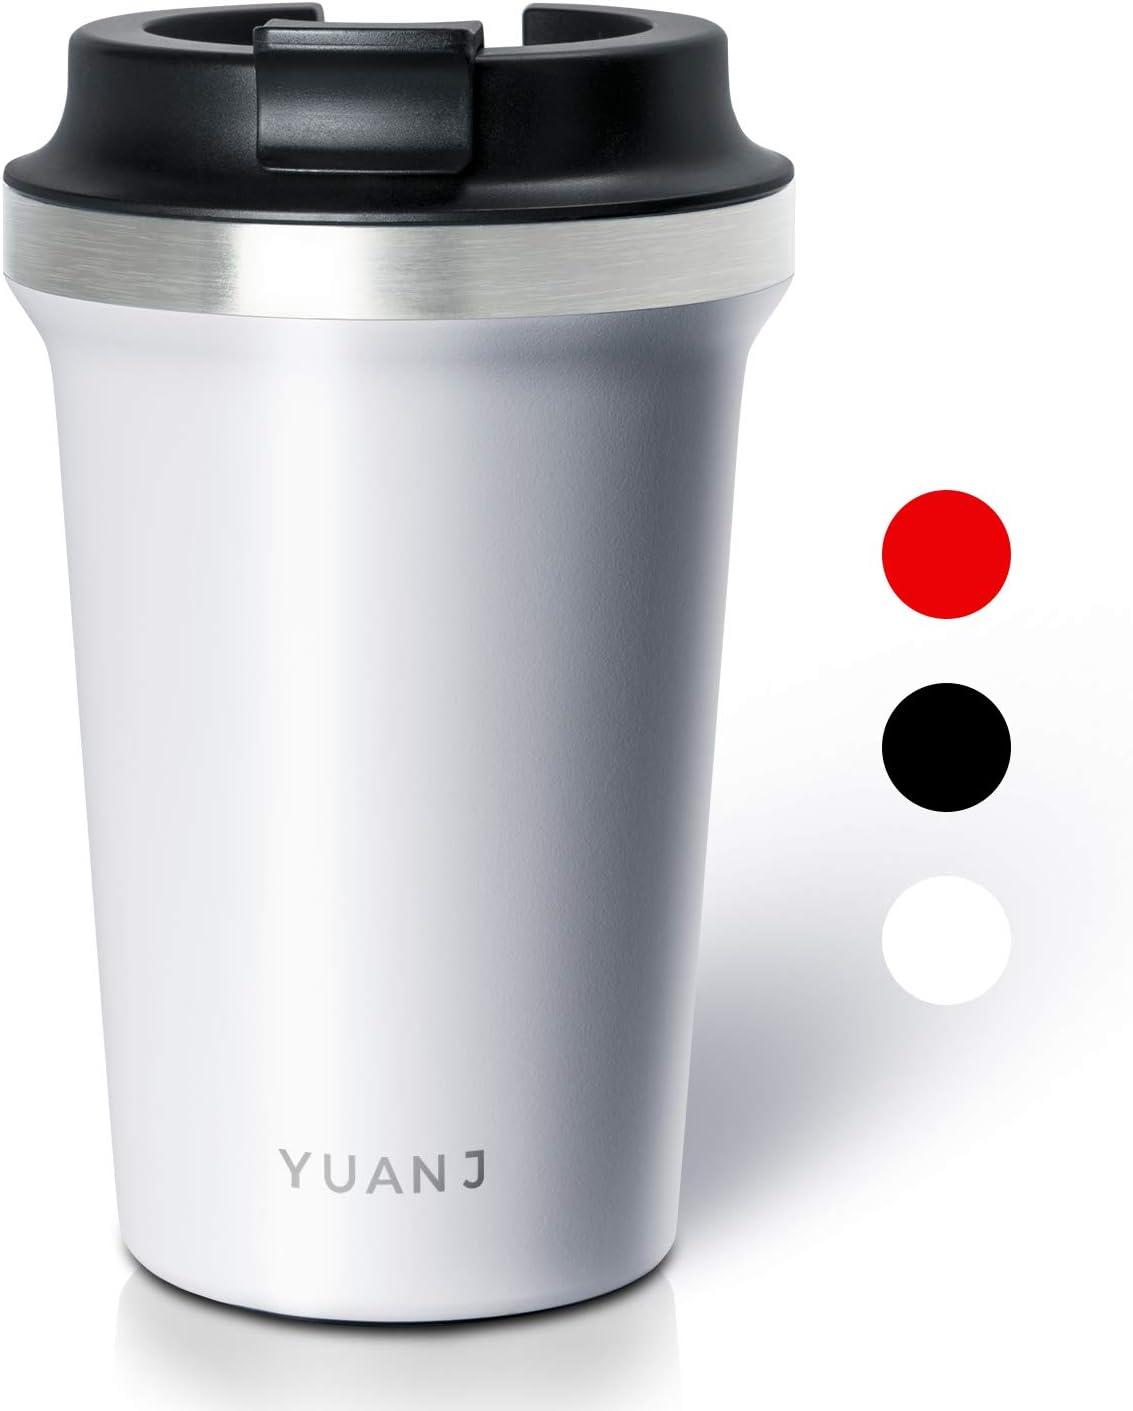 Yuanj Taza t/érmica para llevar 350 ml, acero inoxidable, doble pared y aislamiento al vac/ío color blanco